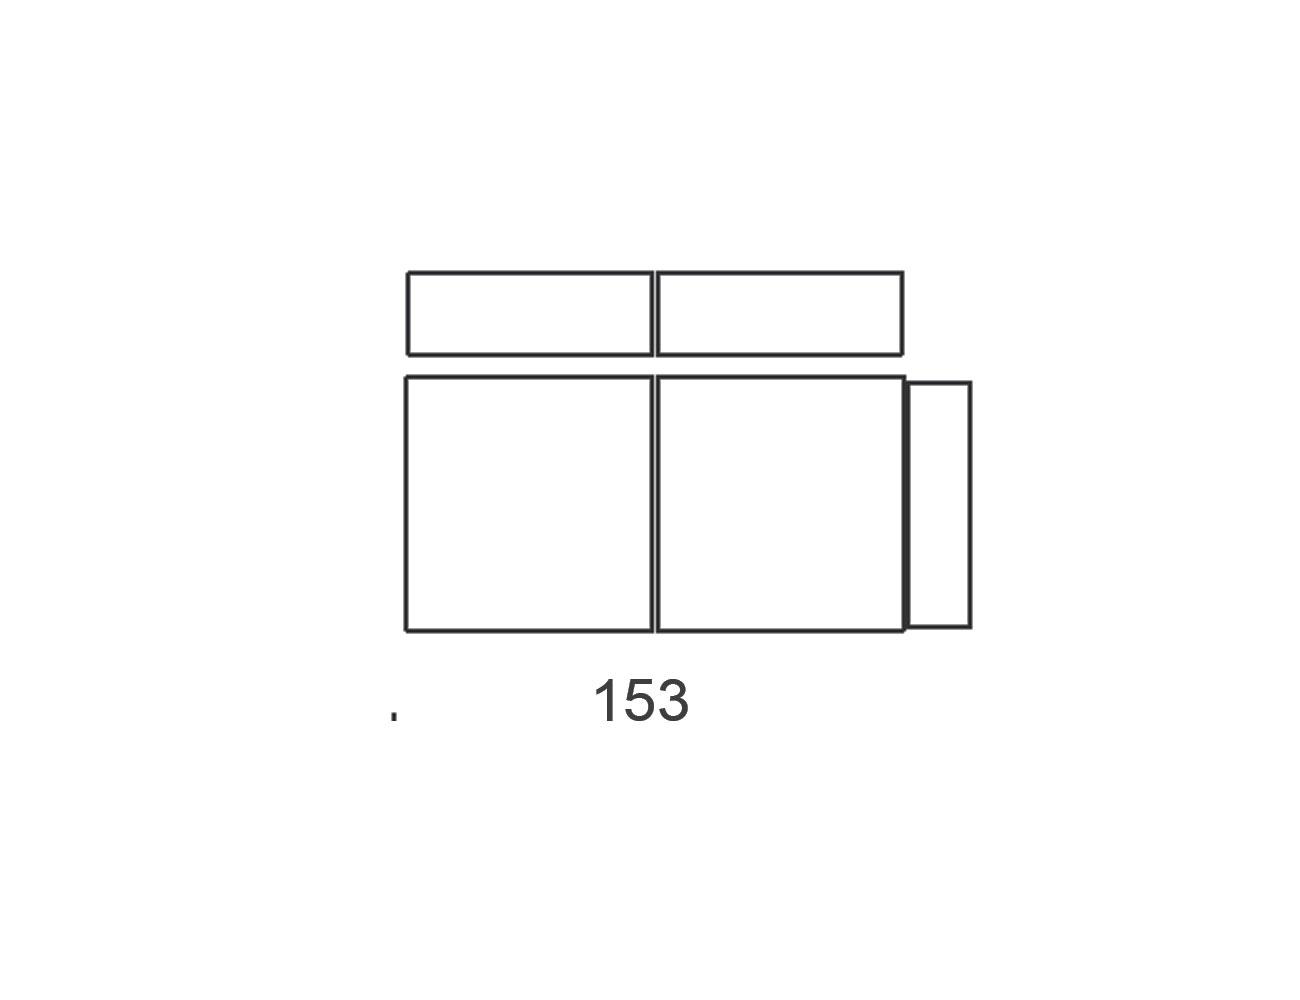 Modulo 1535